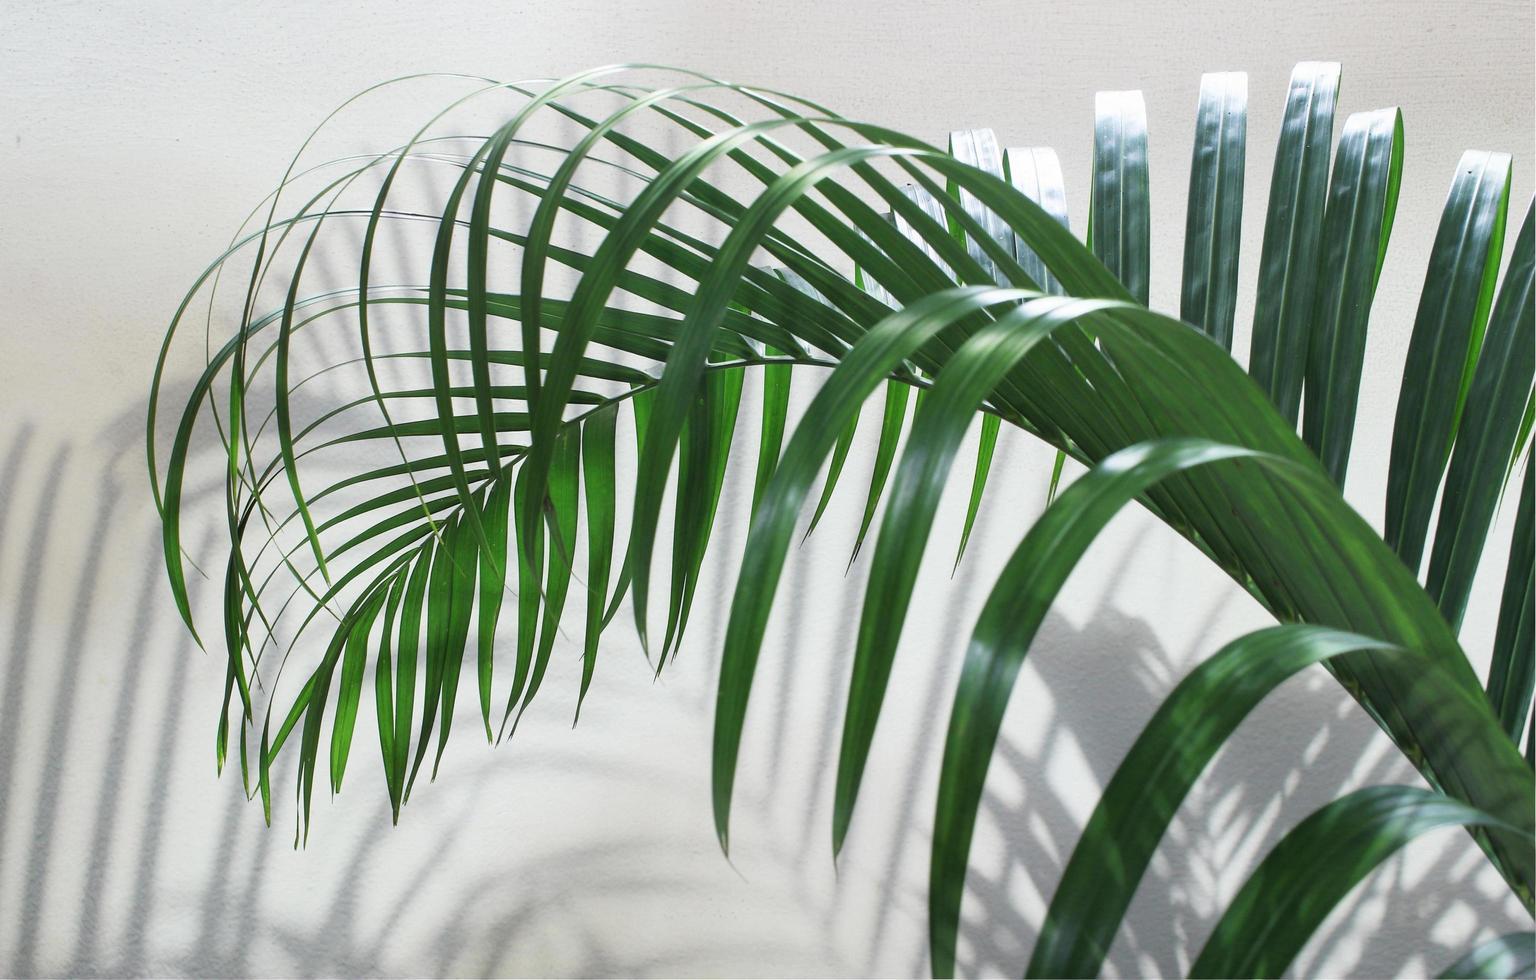 foglia di palma verde con ombra sul cemento foto